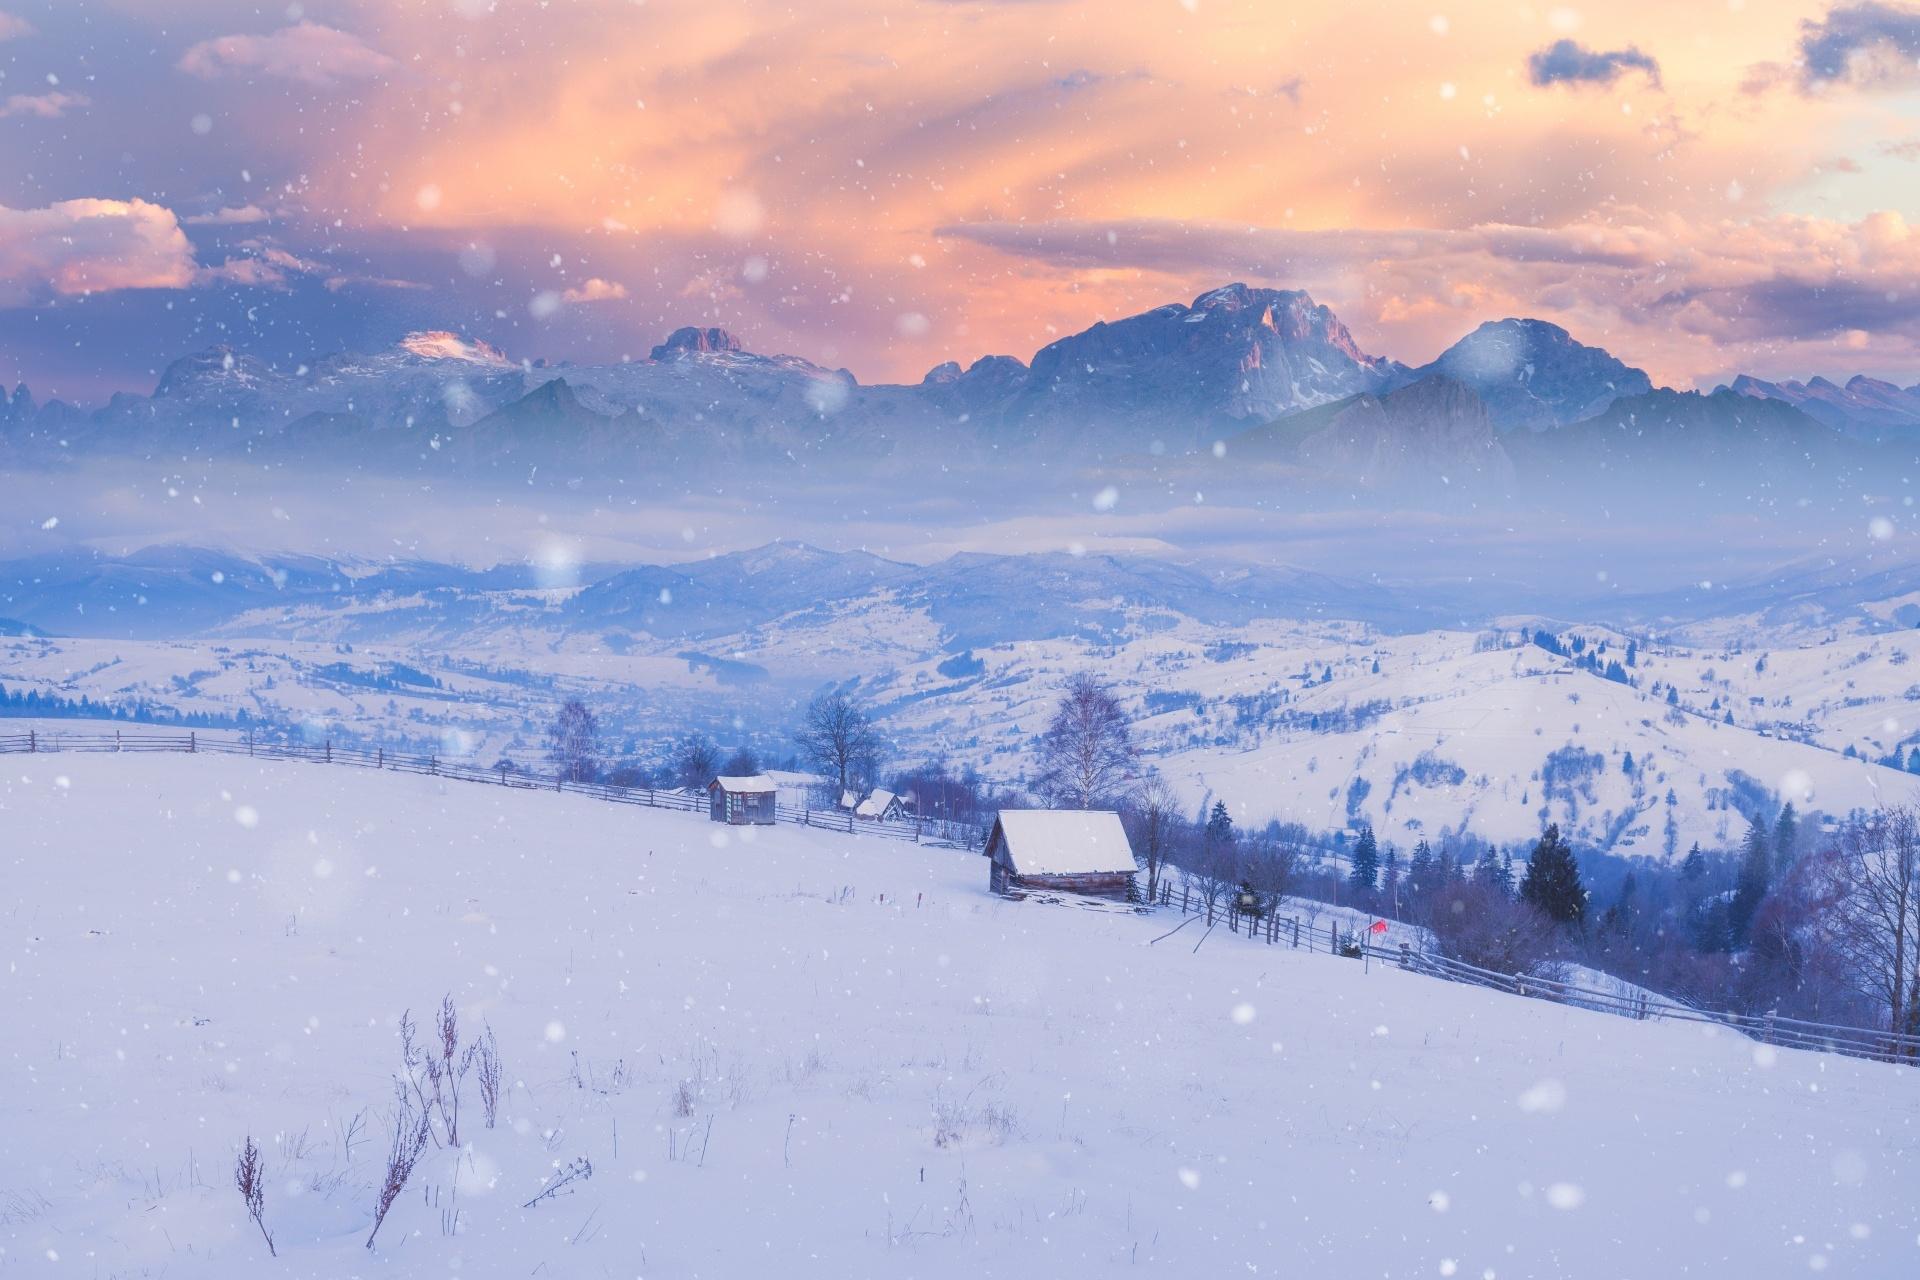 冬のアルプスの風景 イタリアの風景